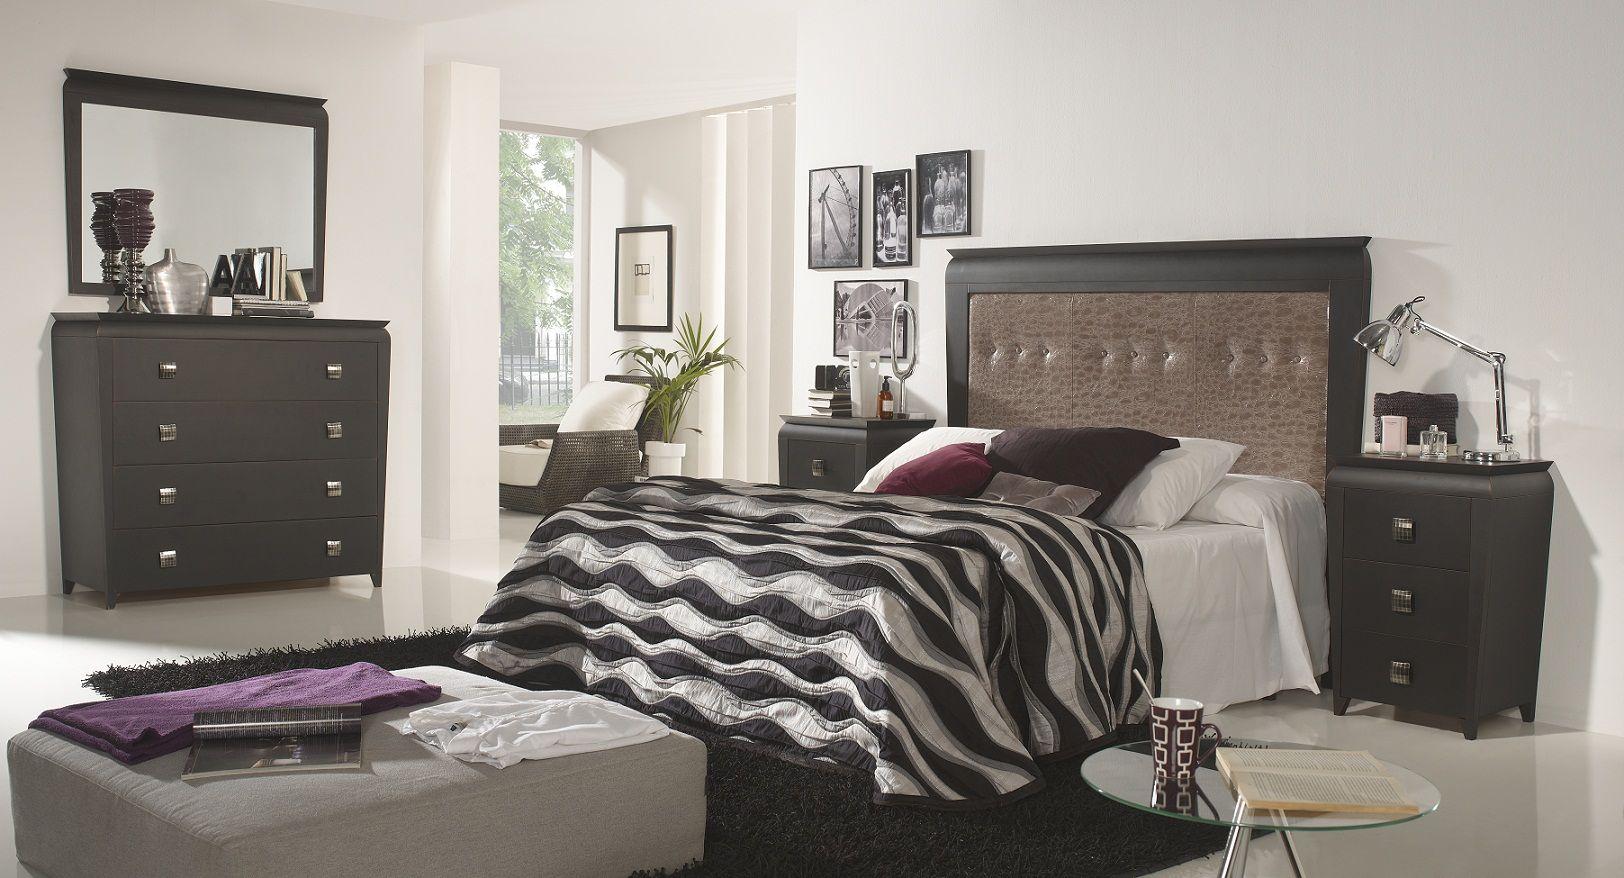 Foto 32 de Muebles y decoración en Cuarte de Huerva  Muebles Pedro